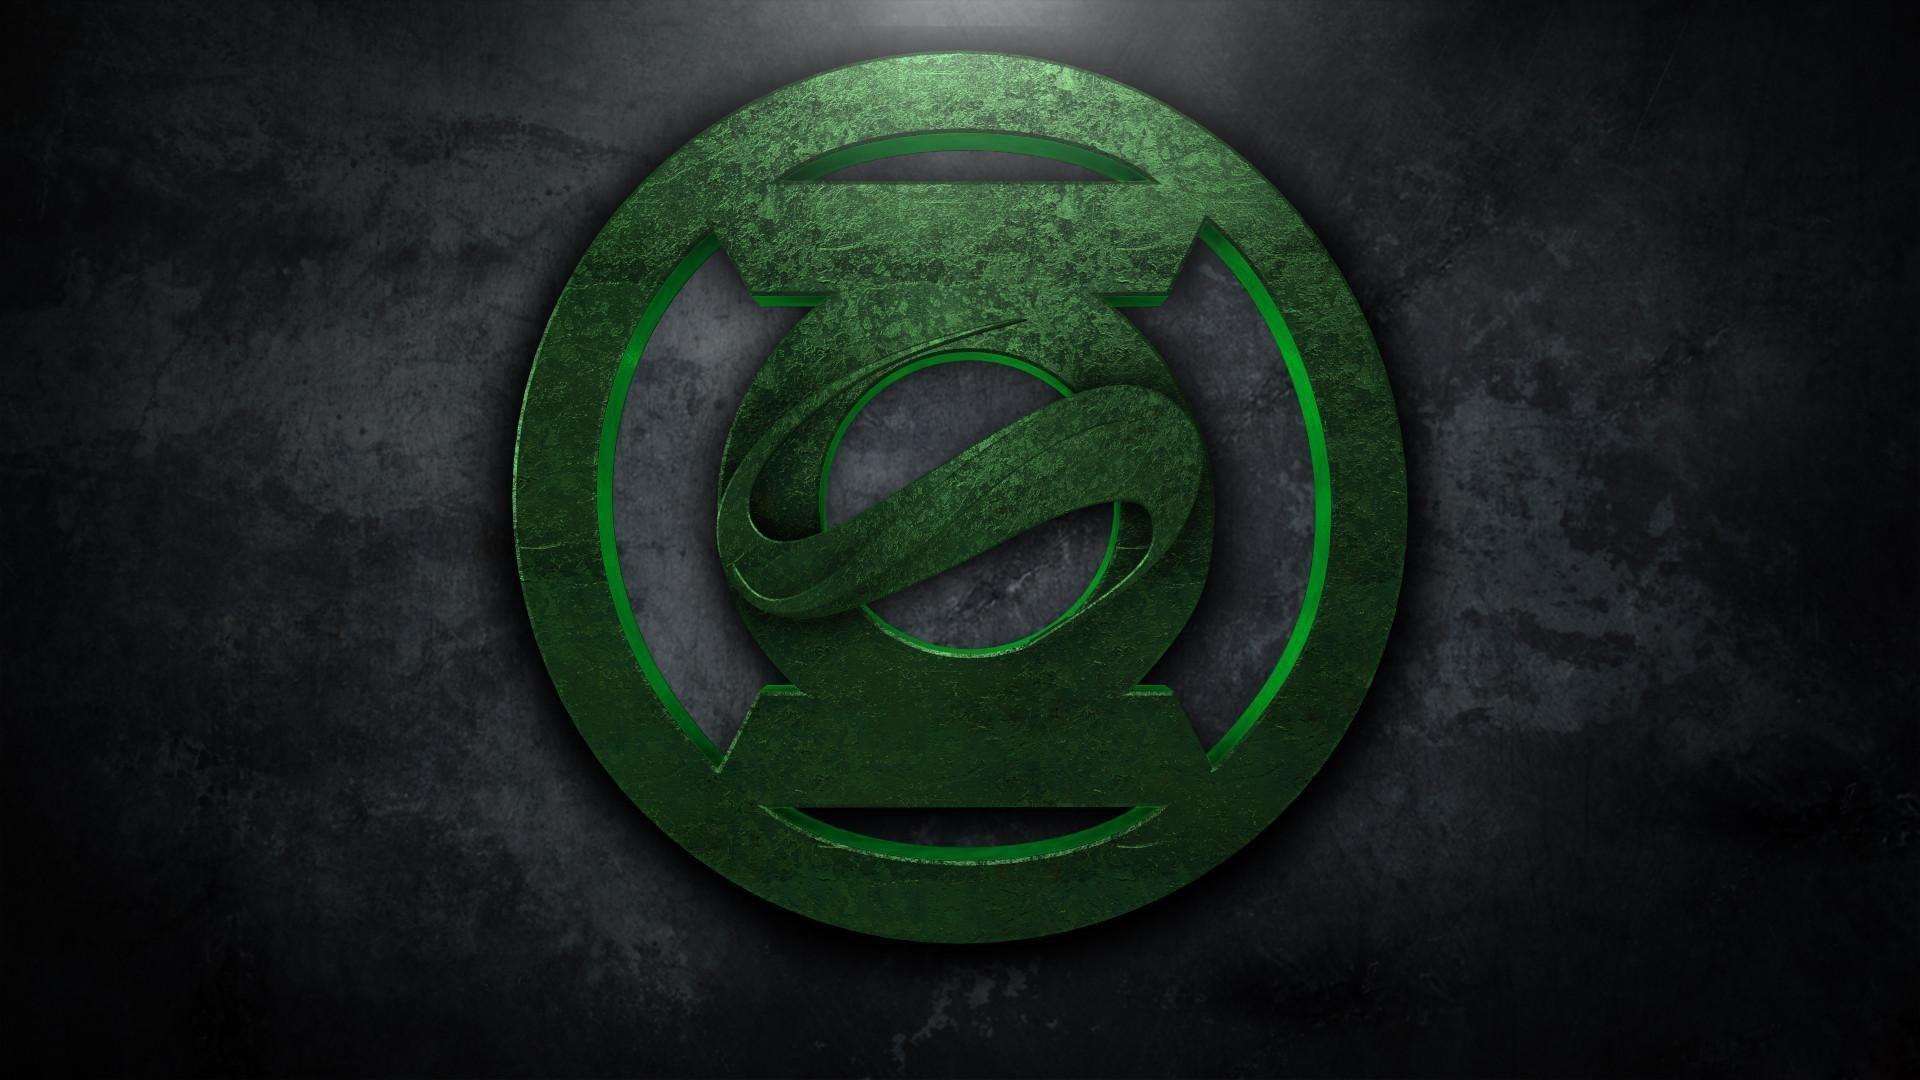 Green-Lantern-logo-Wallpaper-Iphone